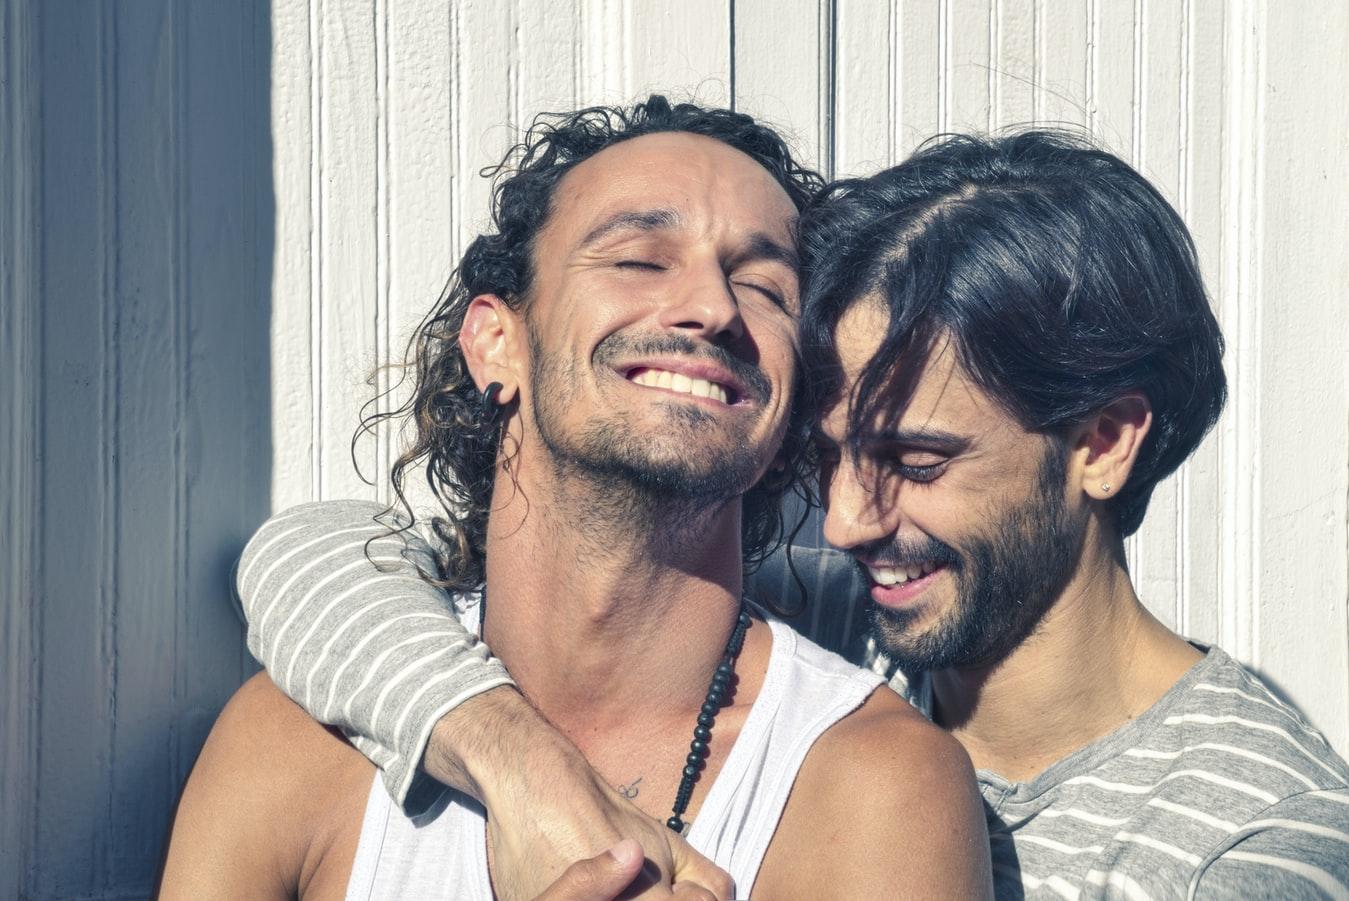 Bøsse chat - Chat for homoseksuelle